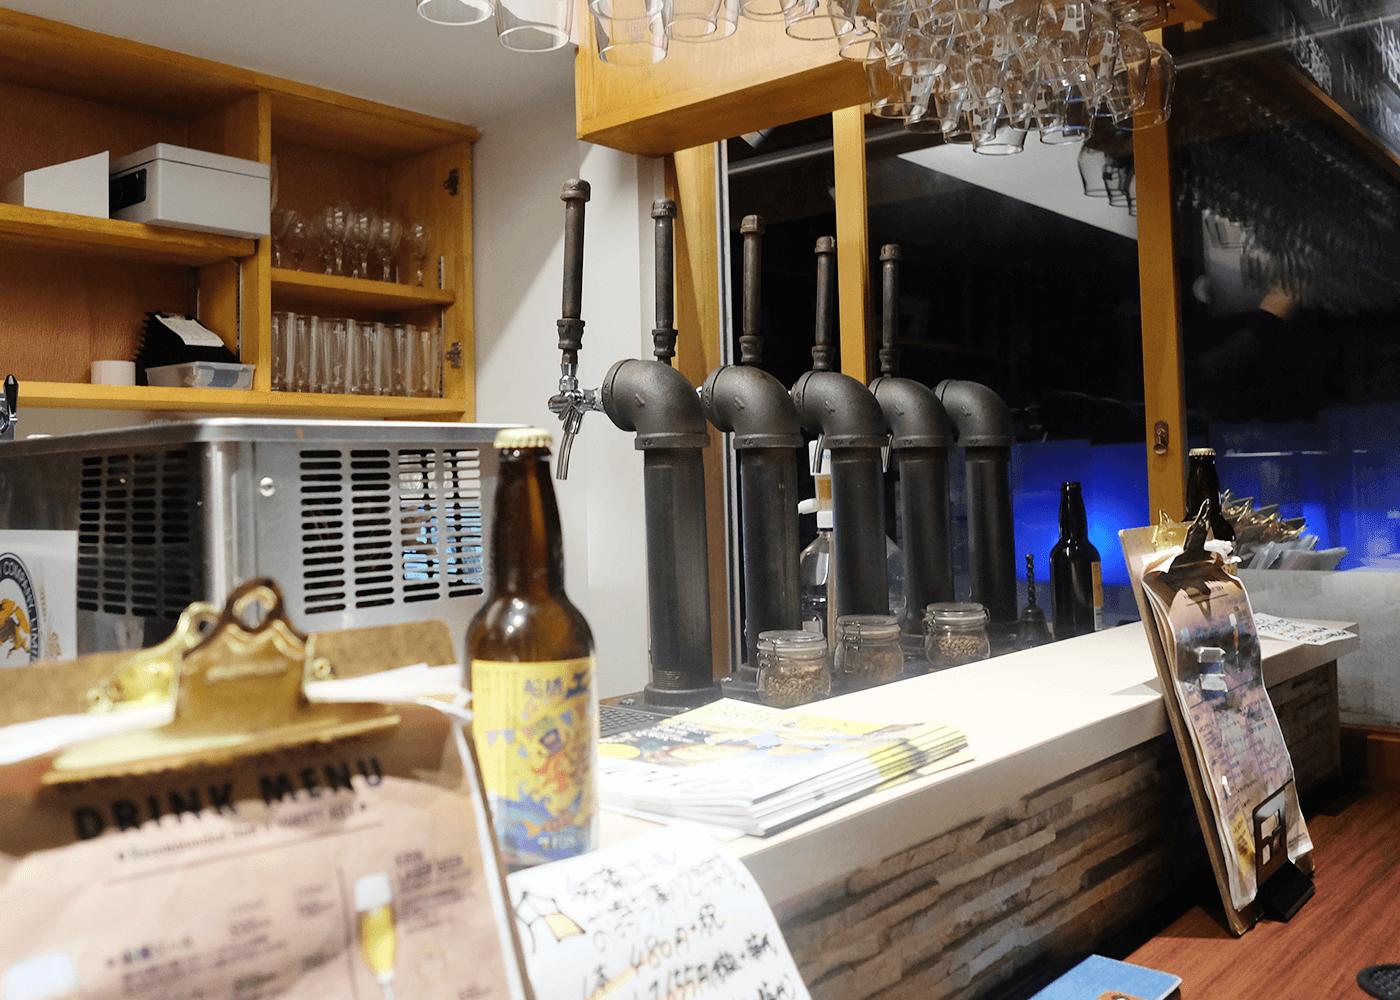 船橋ビール醸造所(フナバシビールジョウゾウショ)